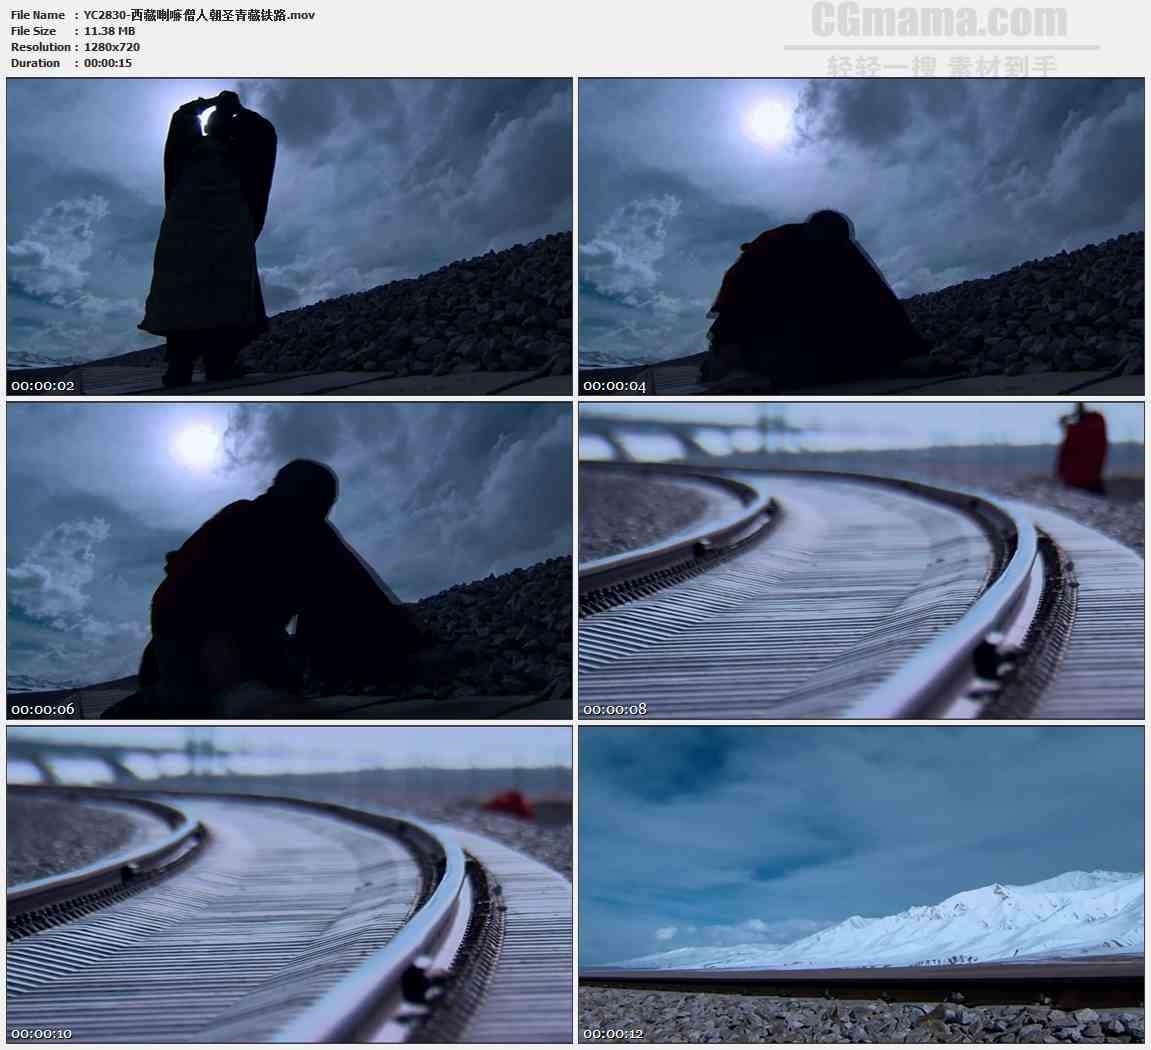 YC2830-西藏喇嘛僧人朝圣青藏铁路高清实拍视频素材